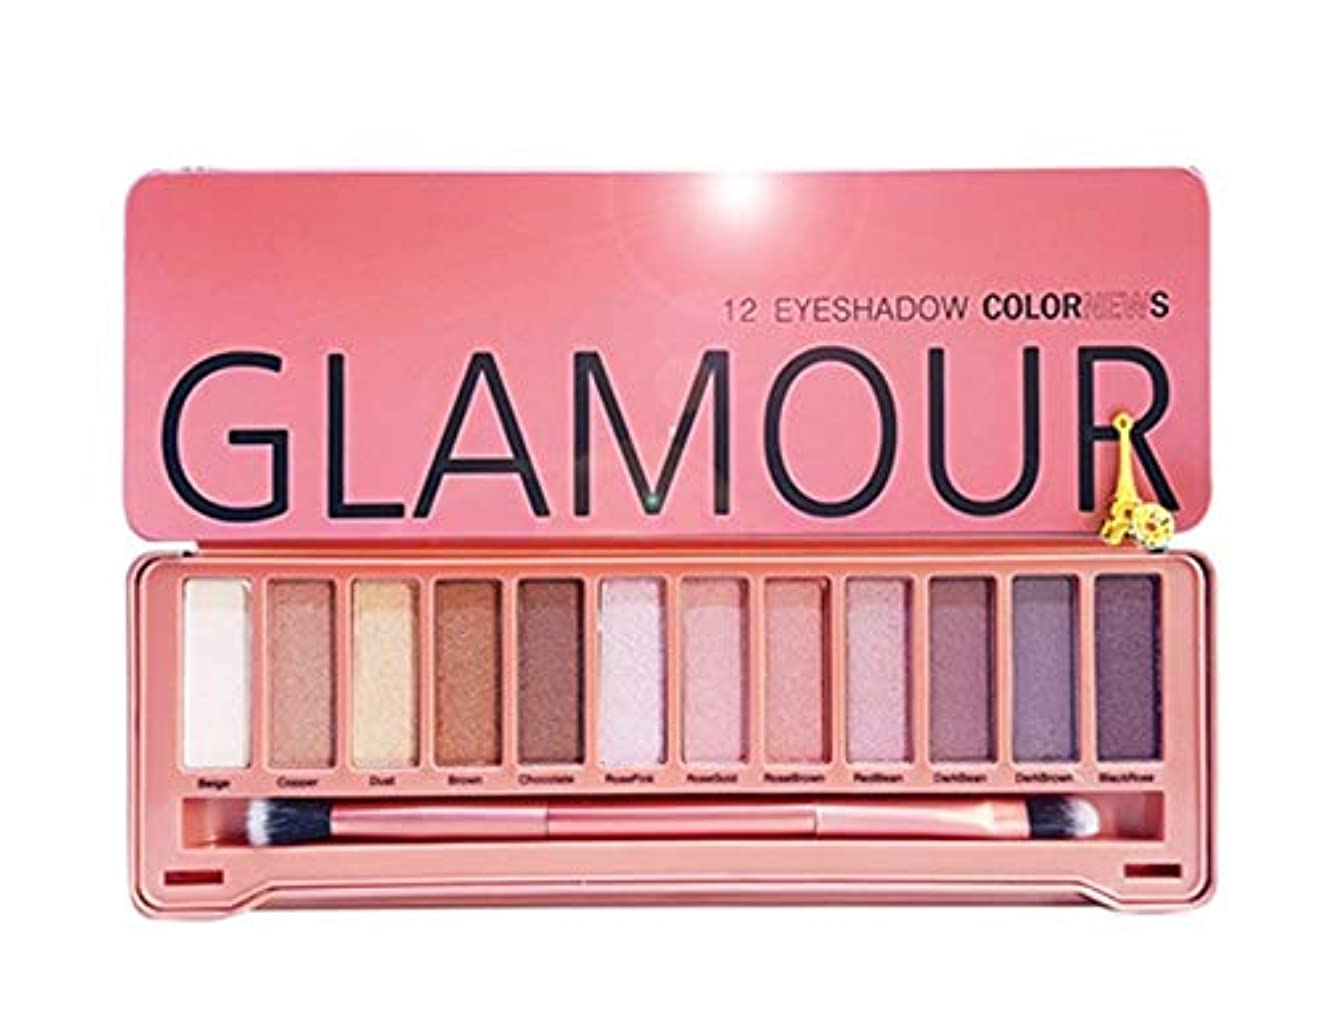 領域タイプライタークロニクルGlamour 12 Eyeshadow Color News 自然デイリーメイクから華やかなアイメイク12色アイシャドウパレット(海外直送品)